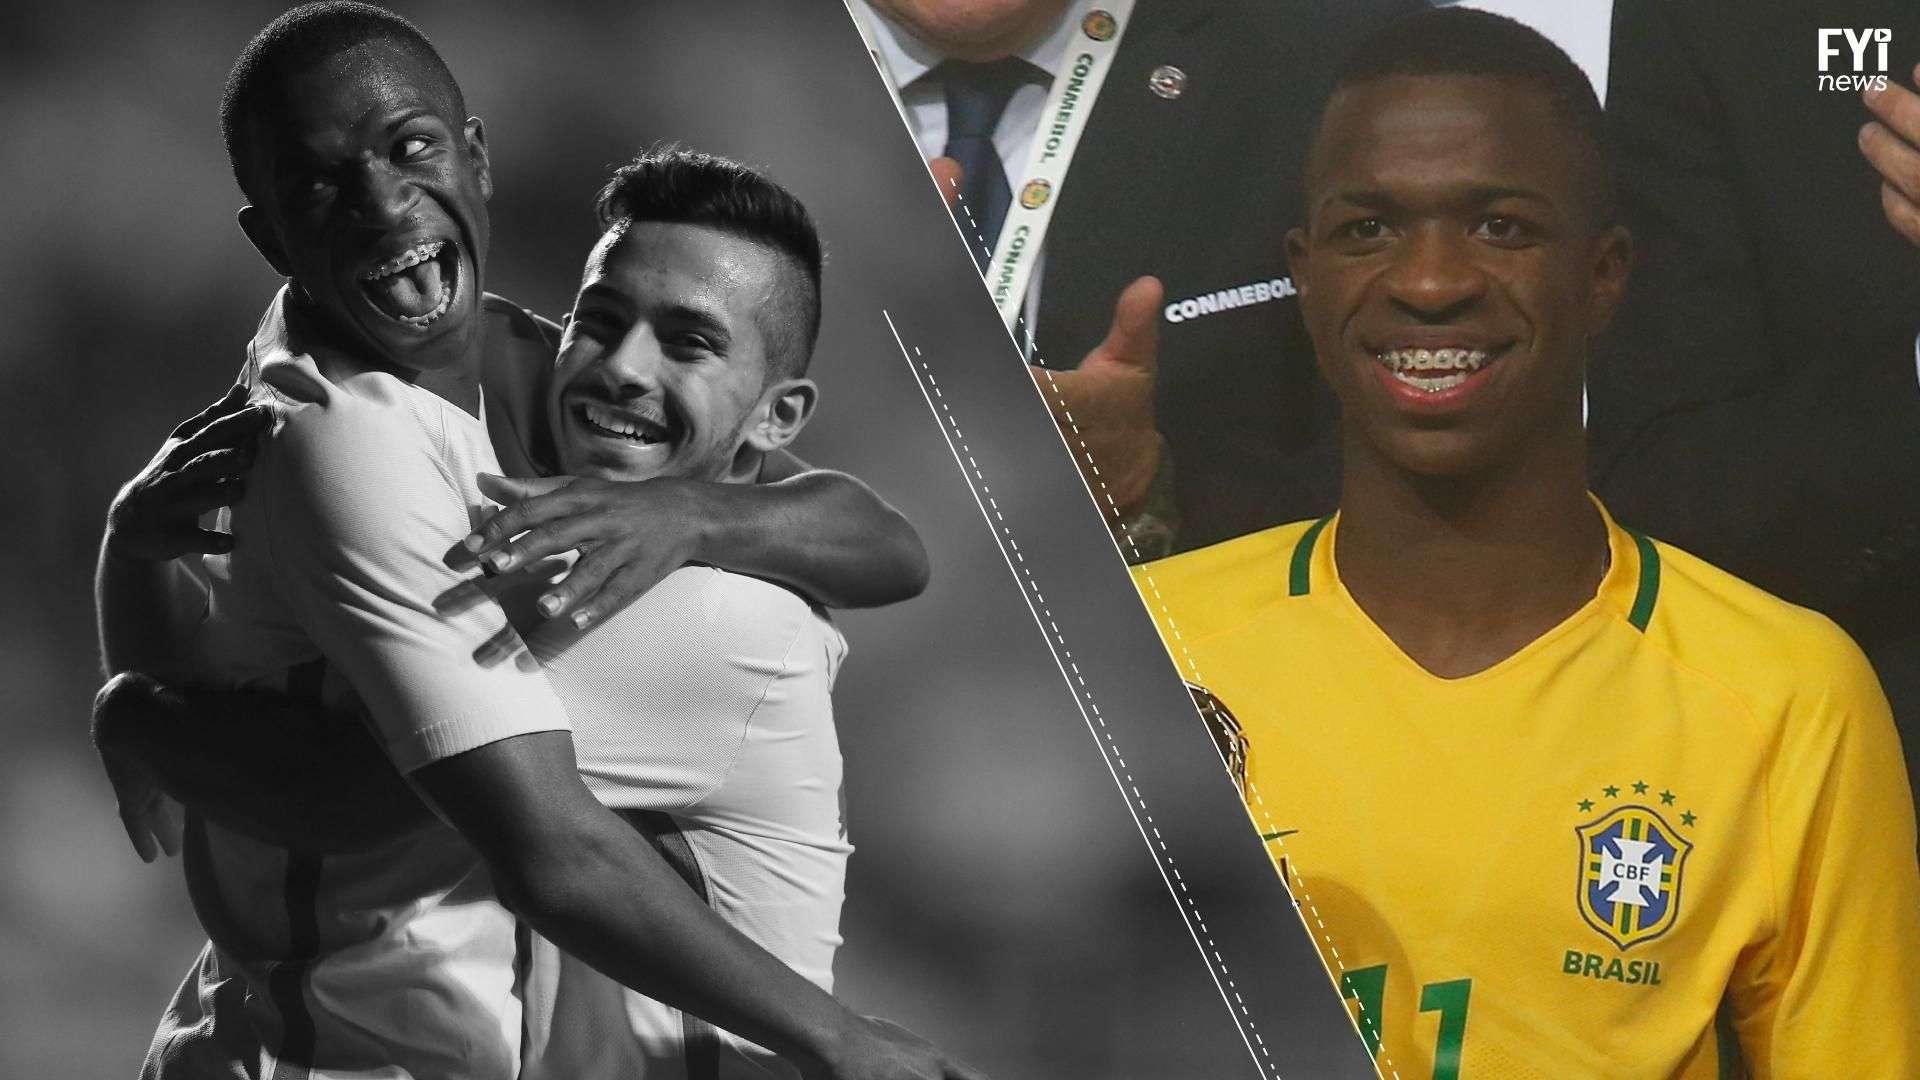 Vinícius es la nueva perla brasilera del fútbol